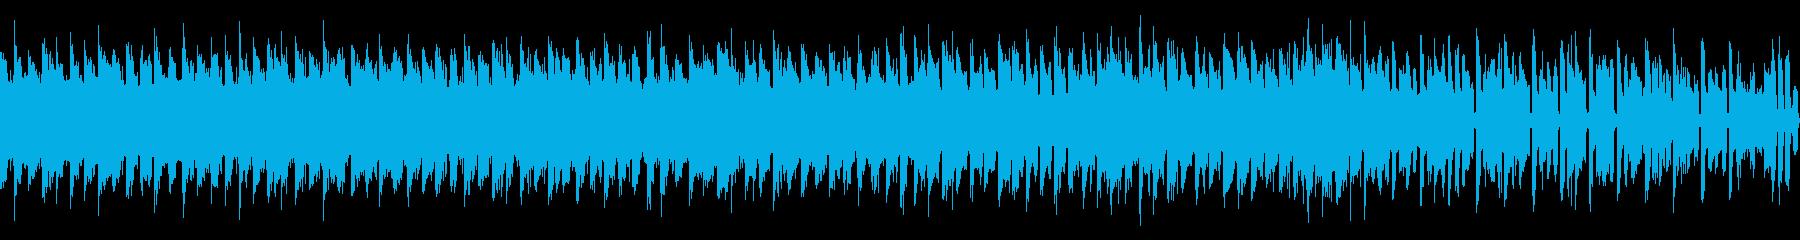 明るく前に進む、祭り、8bitループ曲の再生済みの波形